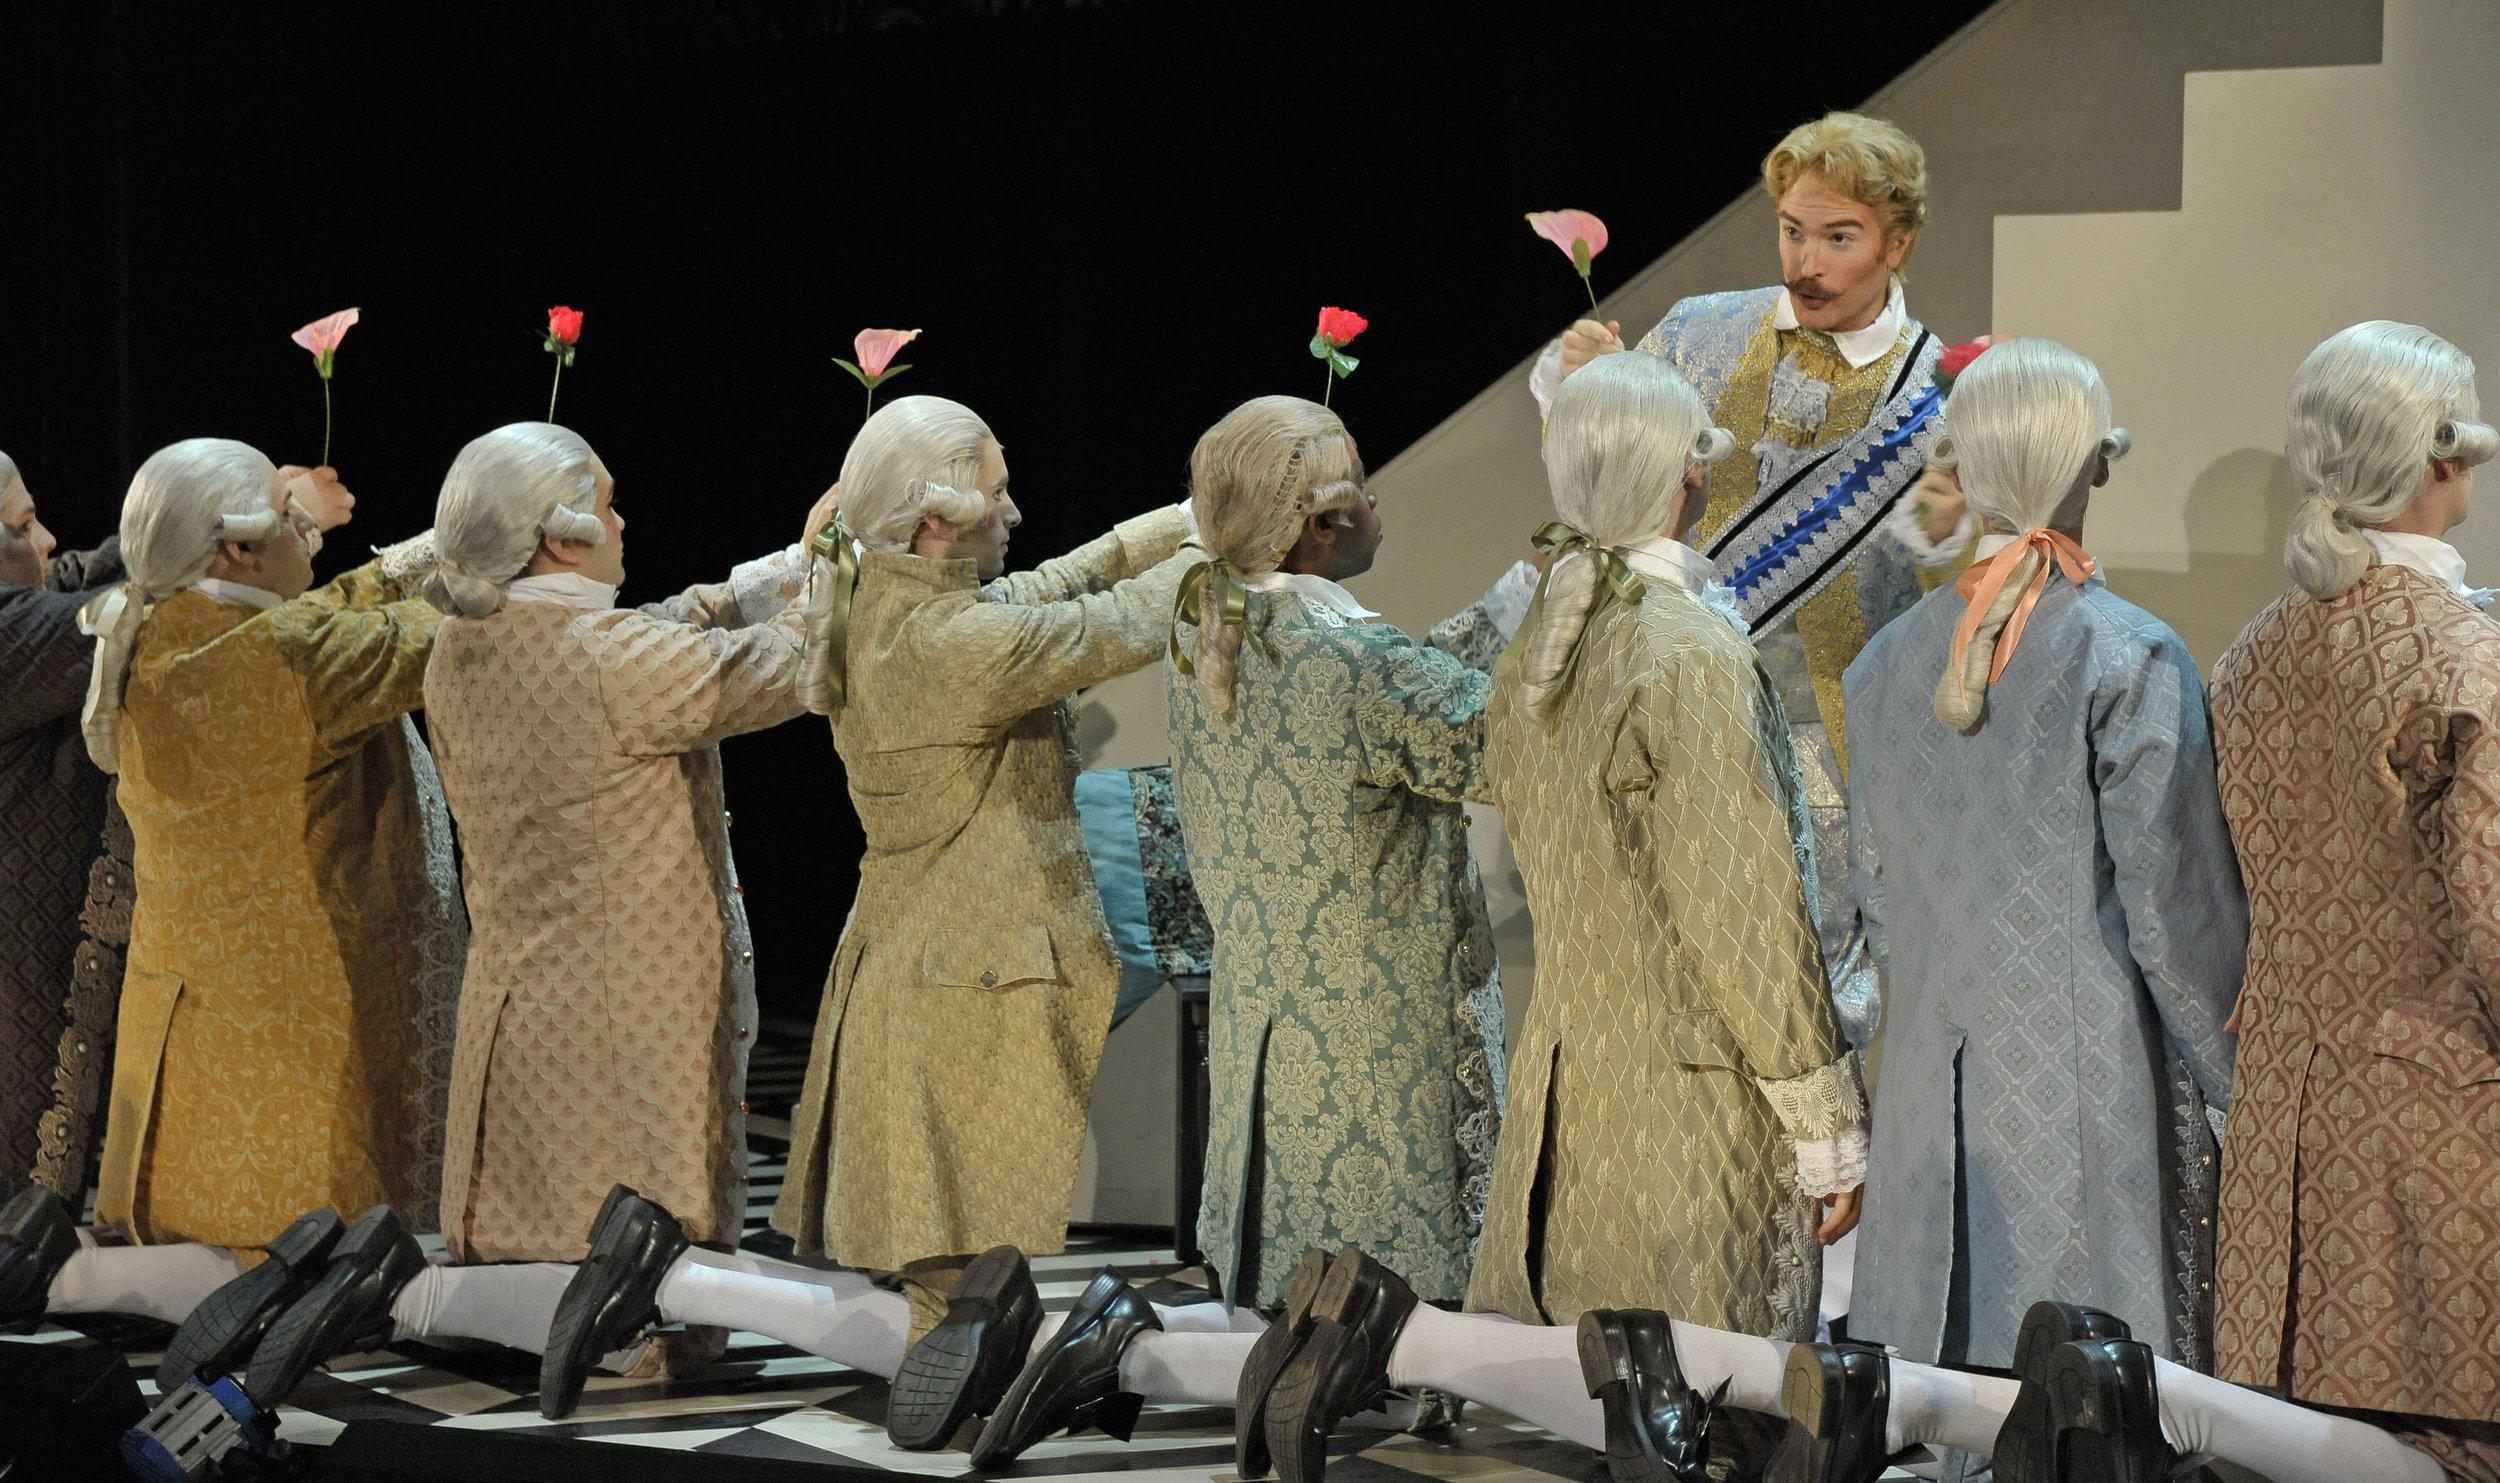 Opera_Saratoga_GG27612.jpg